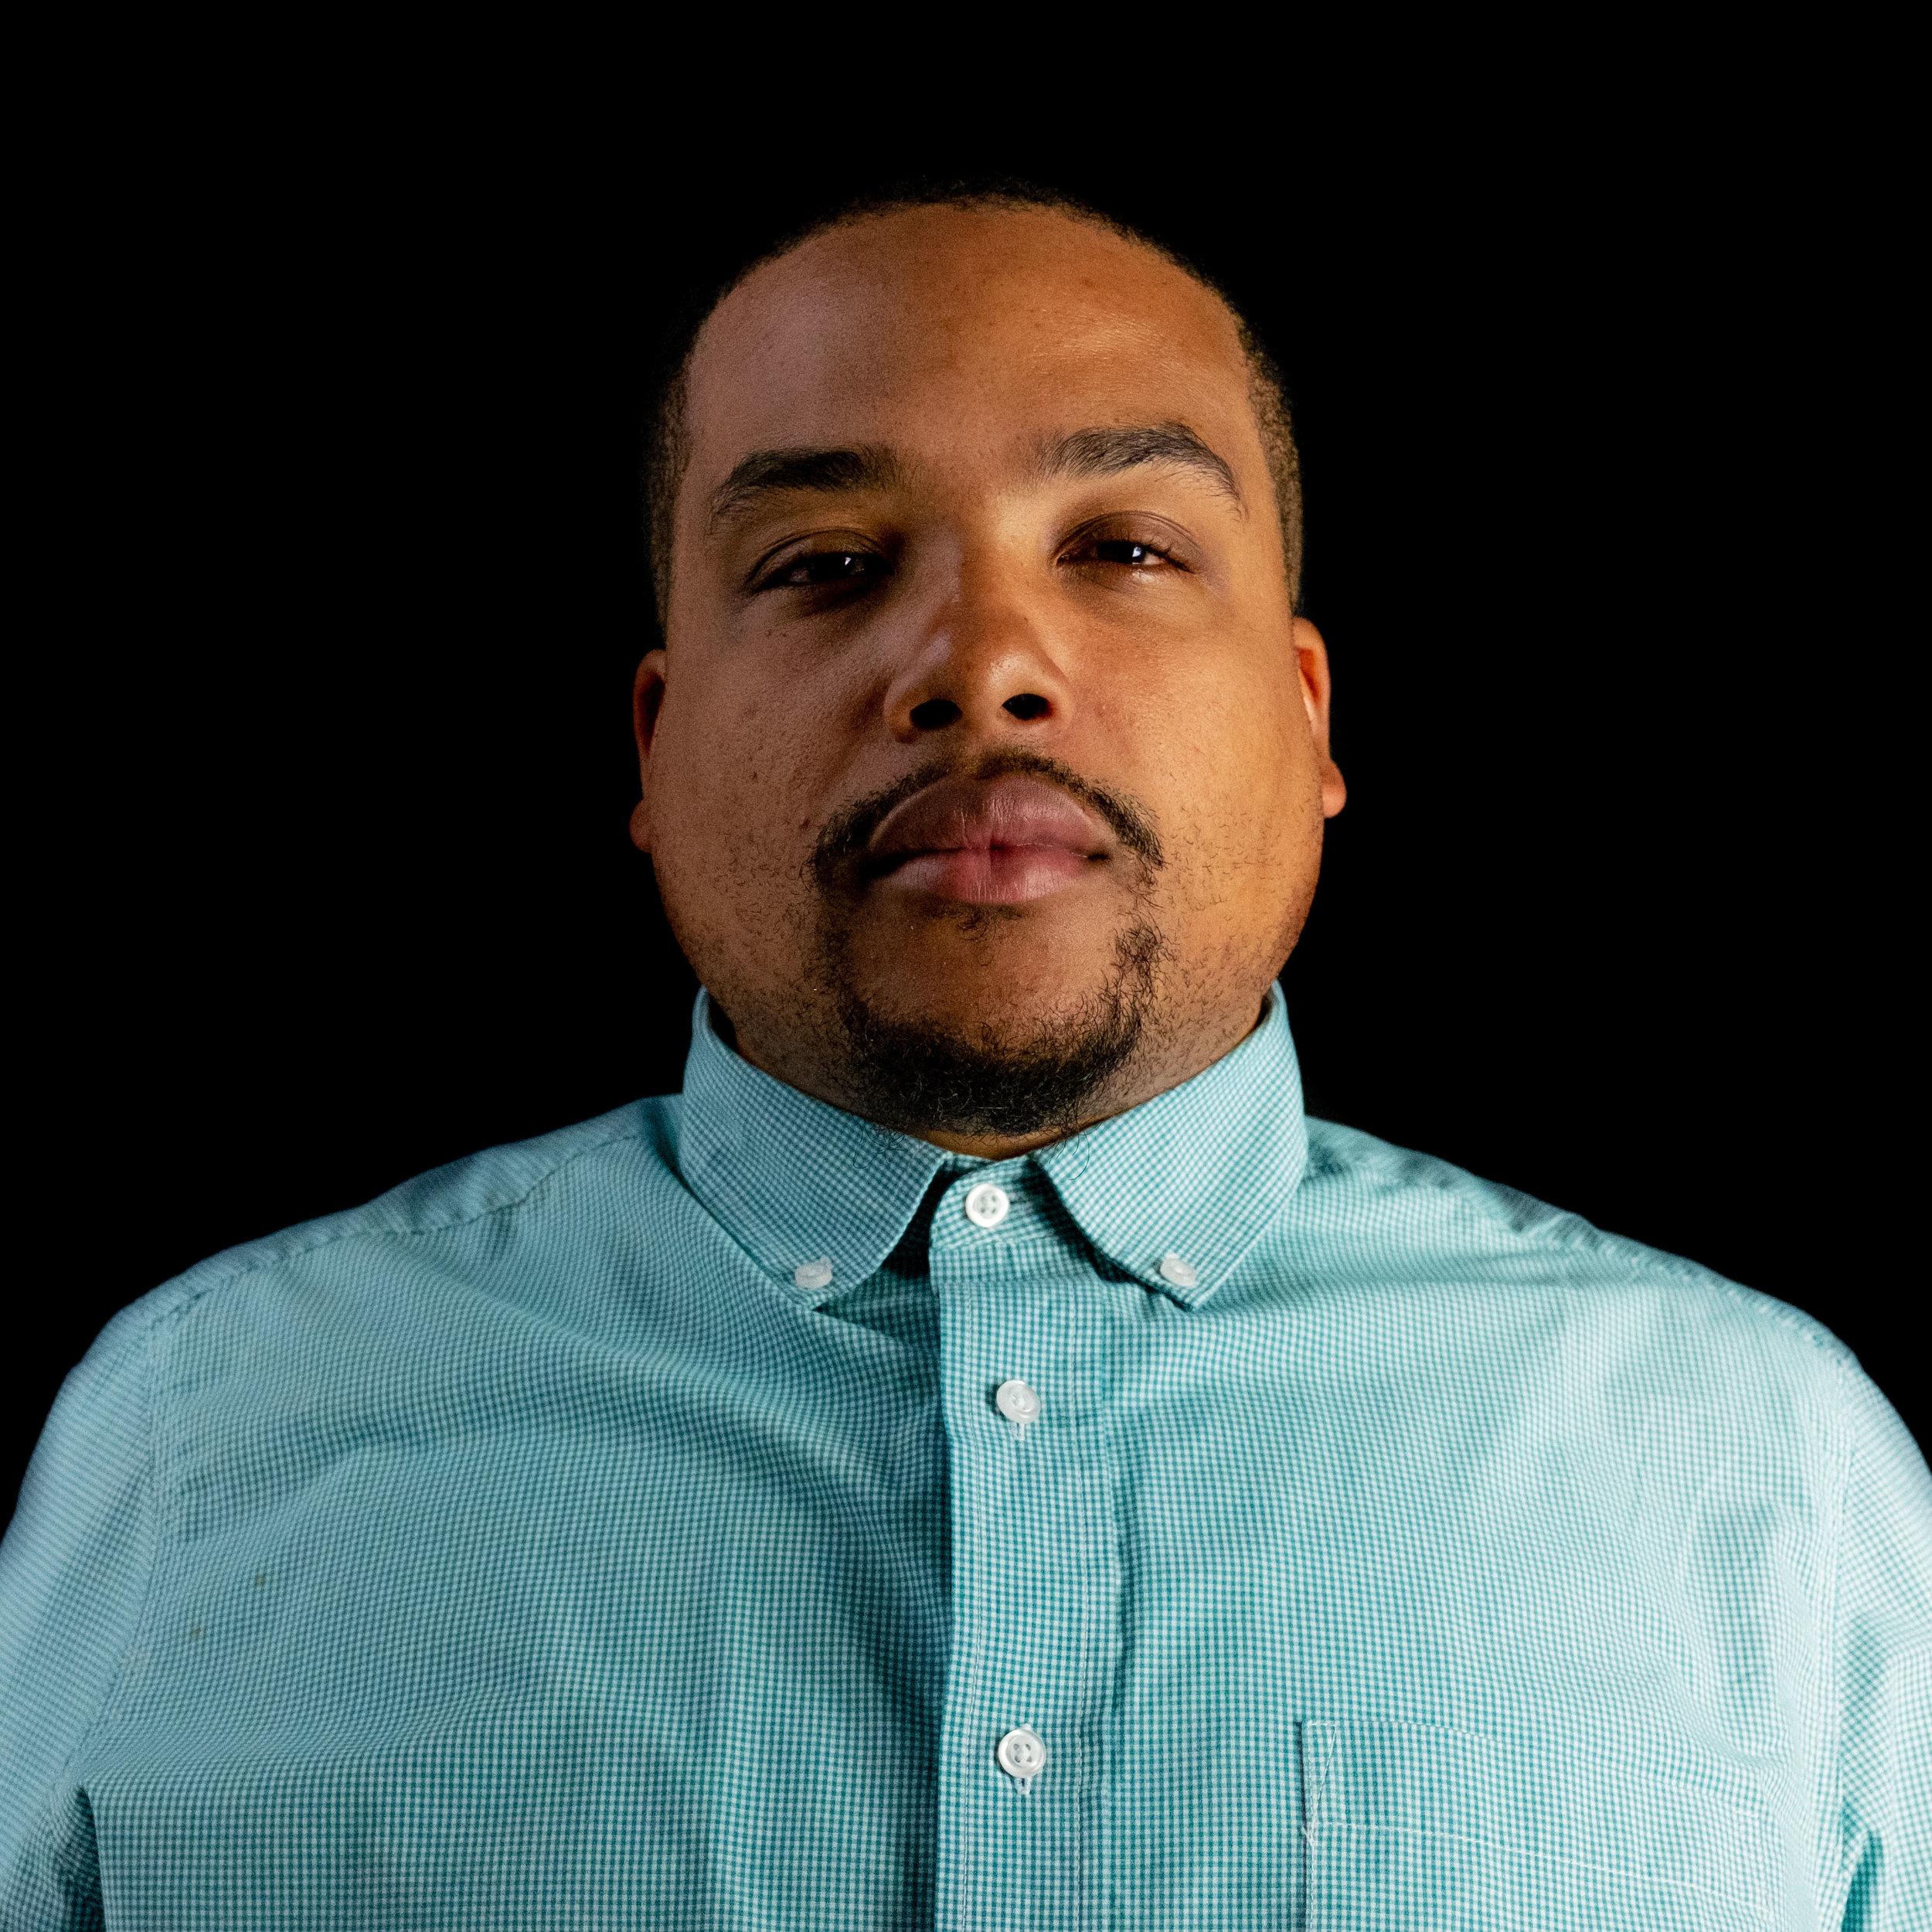 Ron Berry Headshot-2.jpg